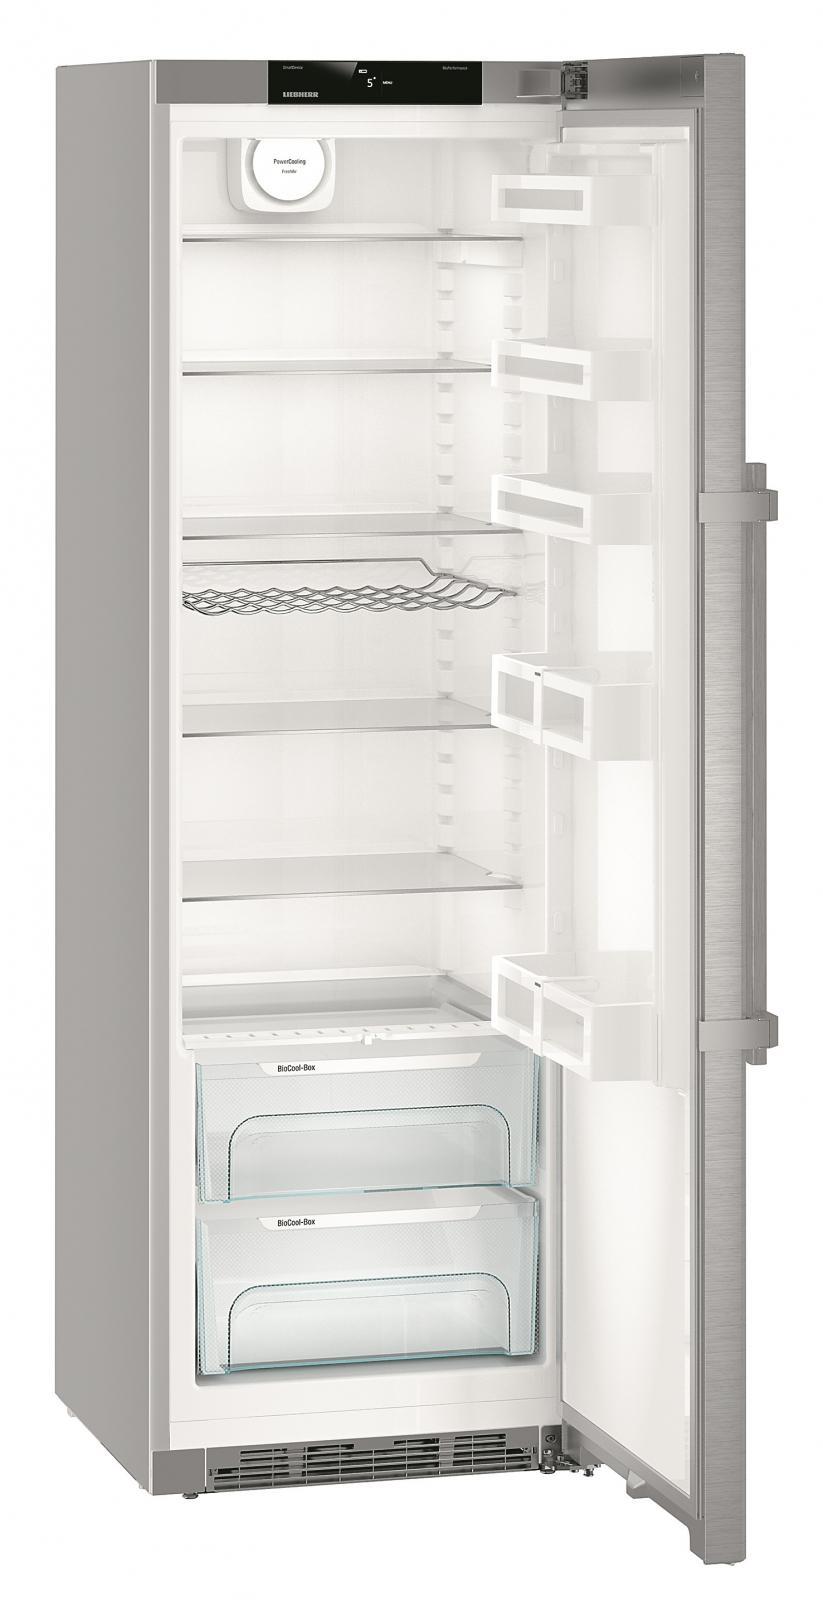 купить Однокамерный холодильник Liebherr Kef 4310 Украина фото 6